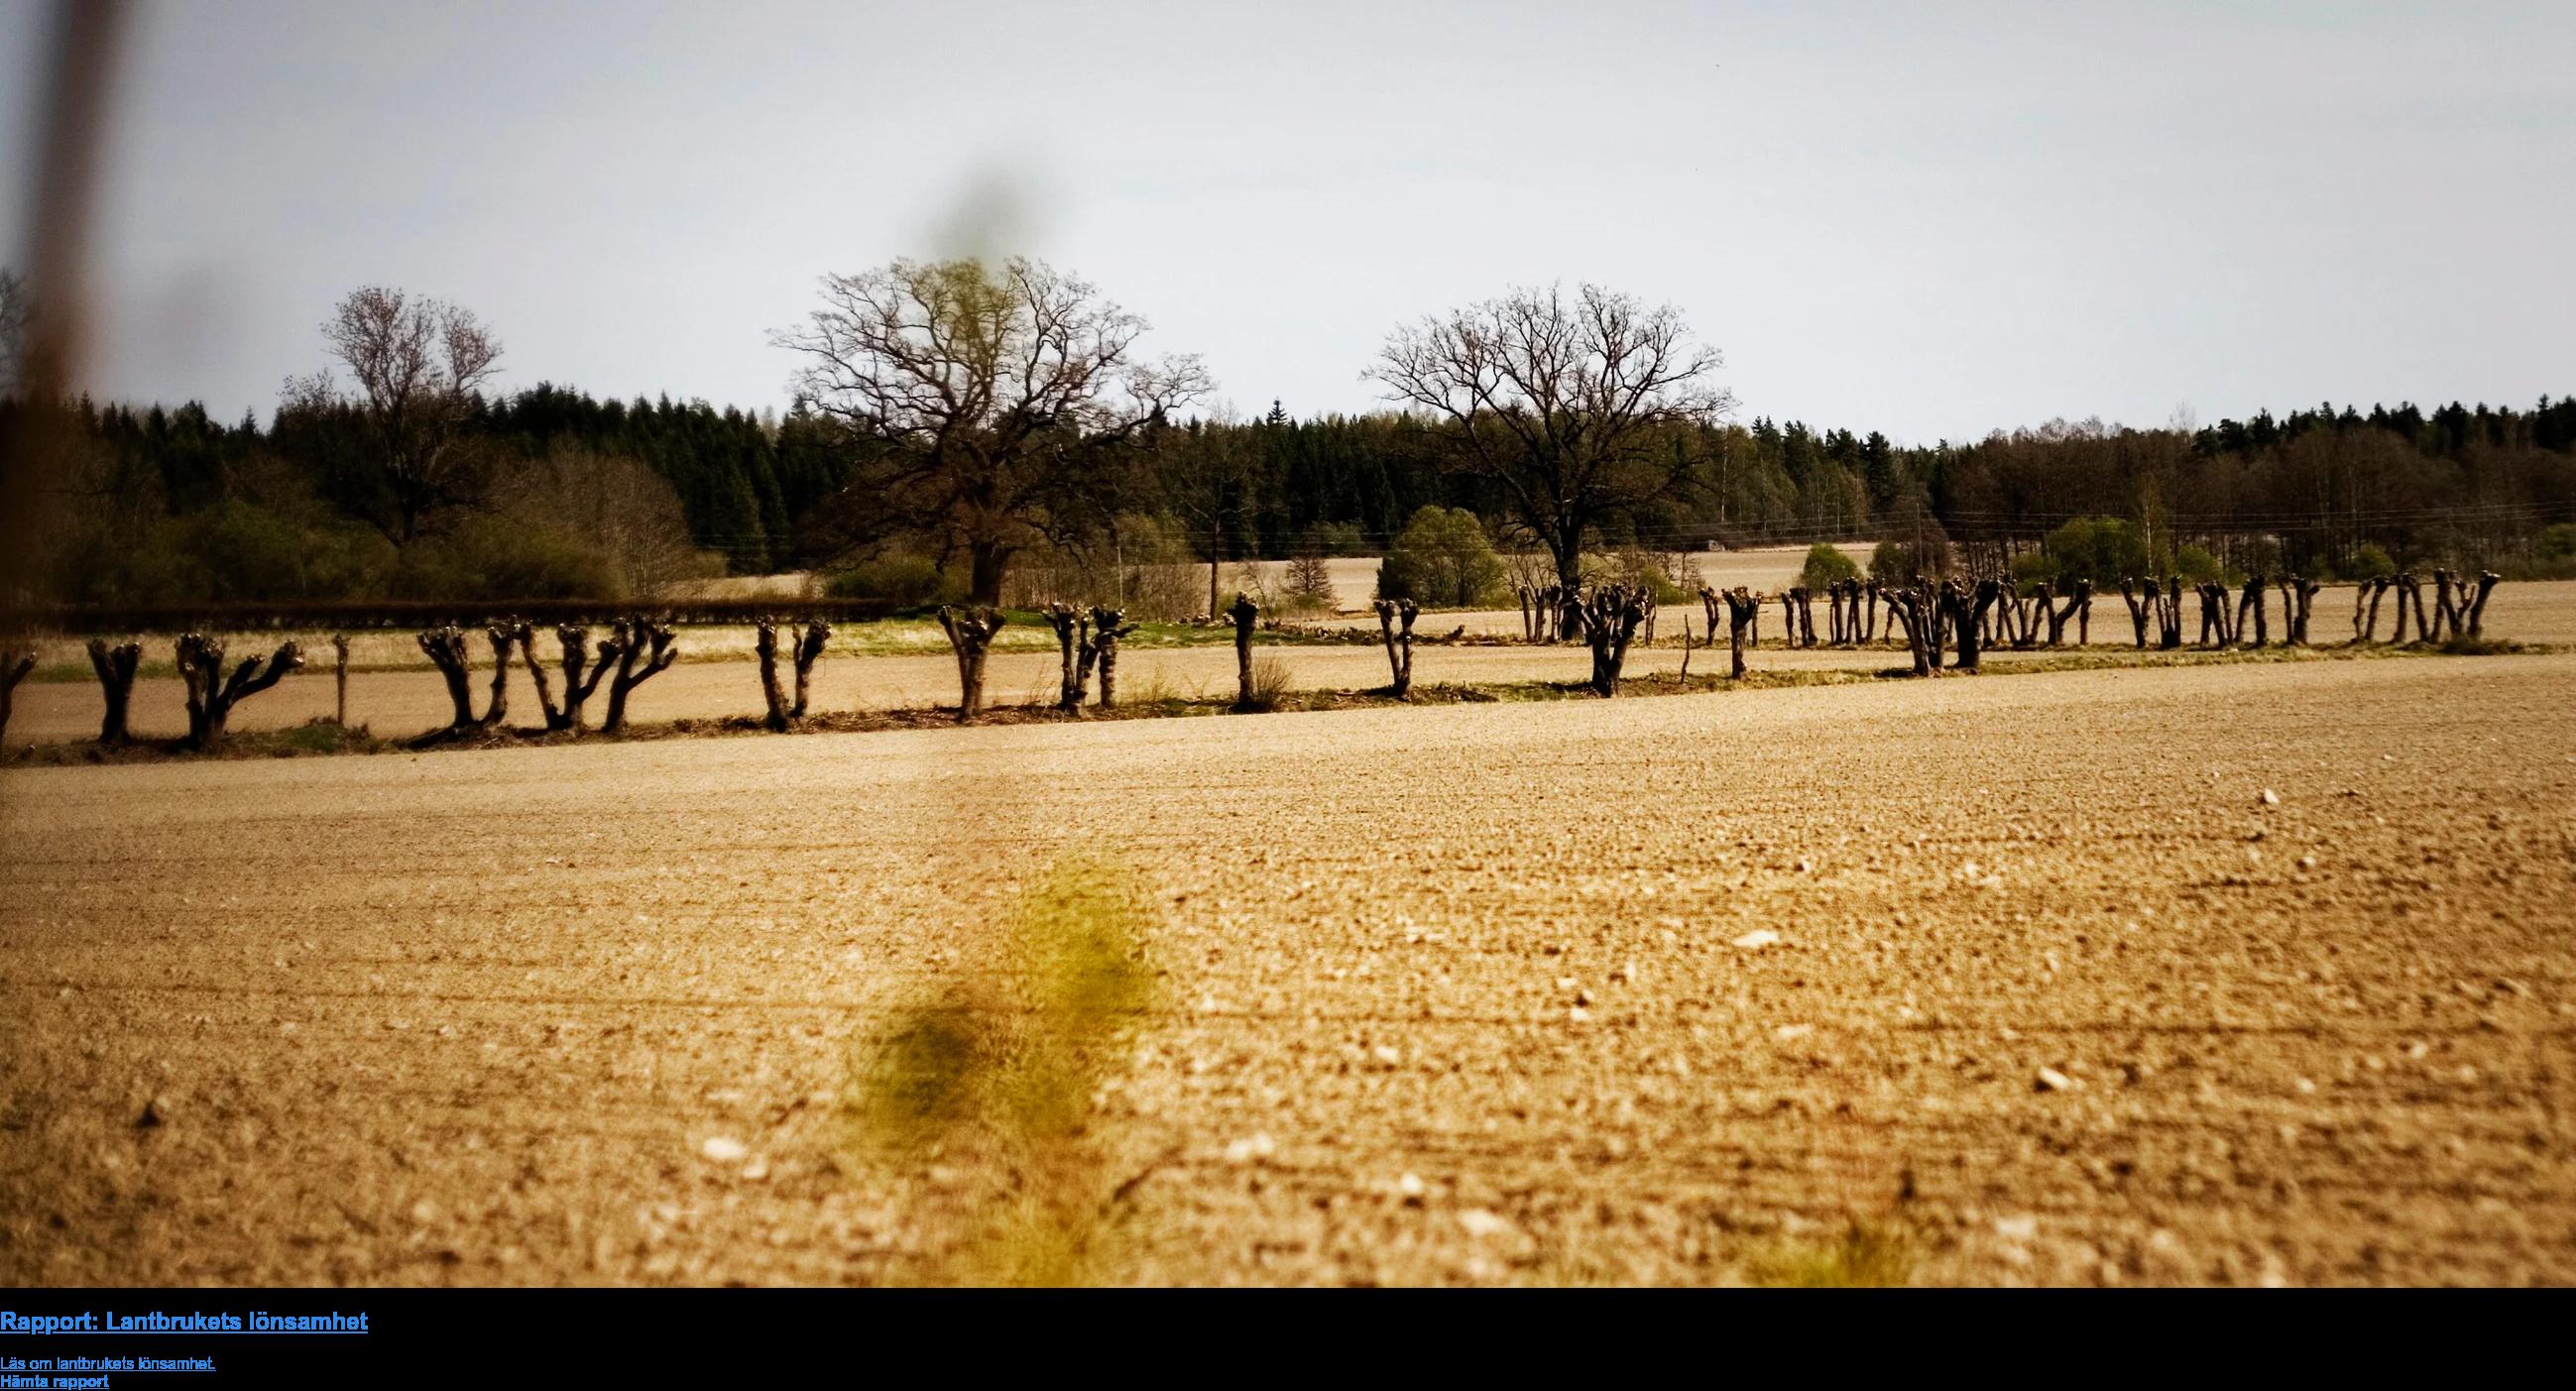 Rapport: Lantbrukets lönsamhet  Läs om lantbrukets lönsamhet. Hämta rapport